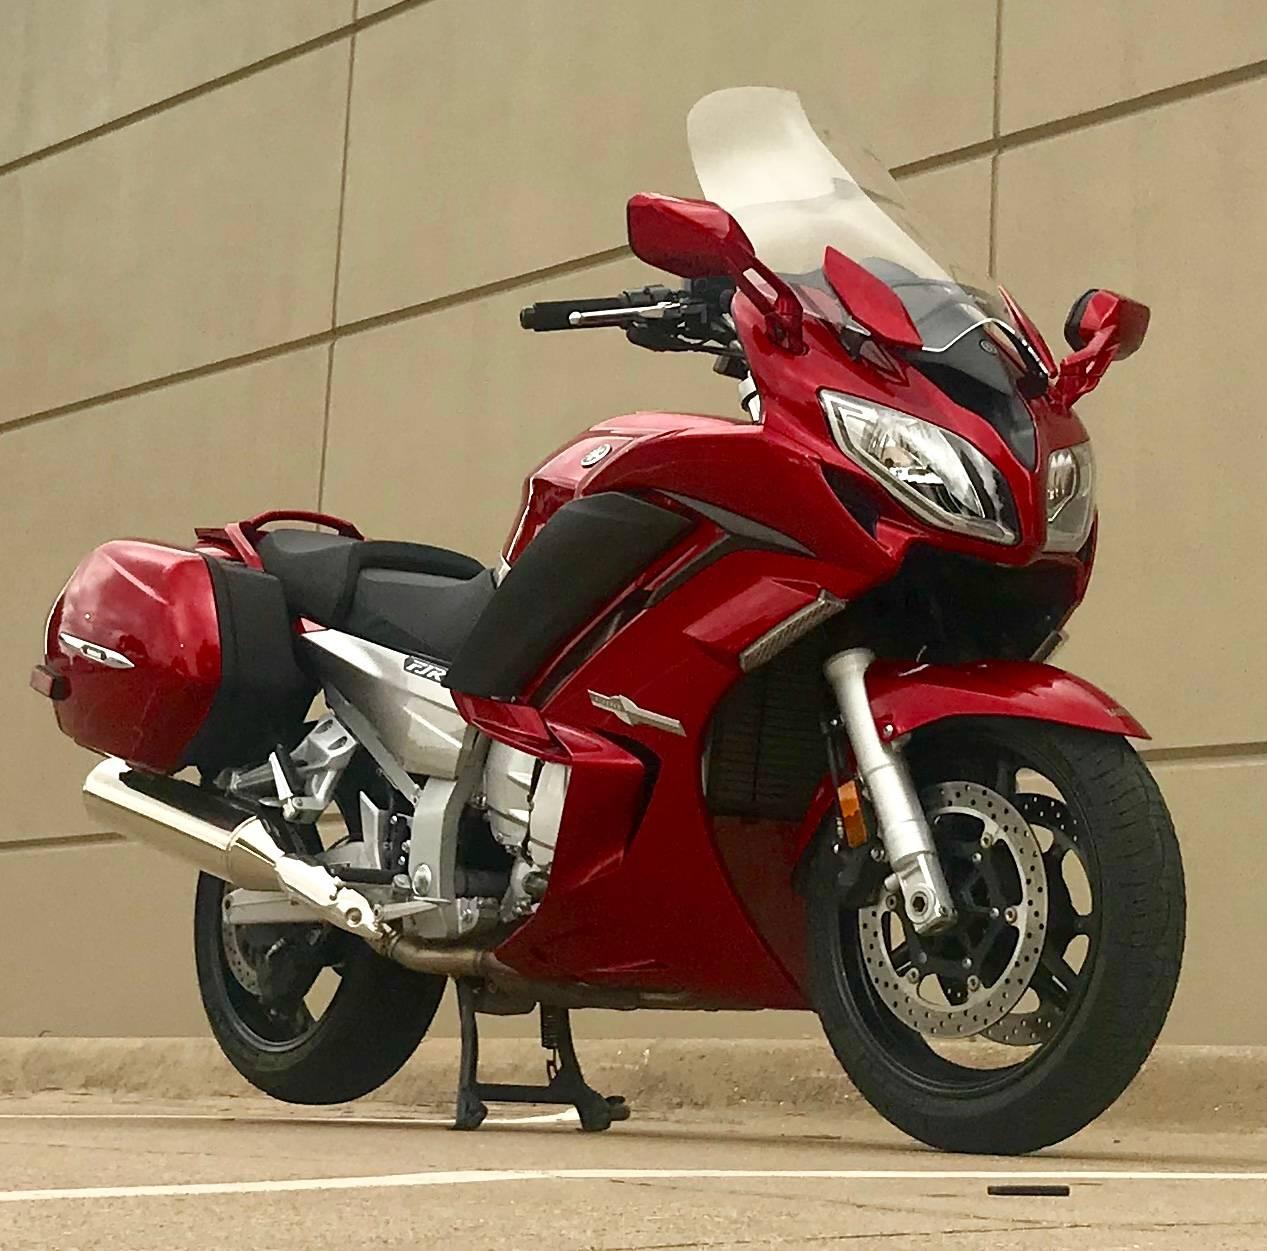 2014 Yamaha FJR1300A for sale 159020